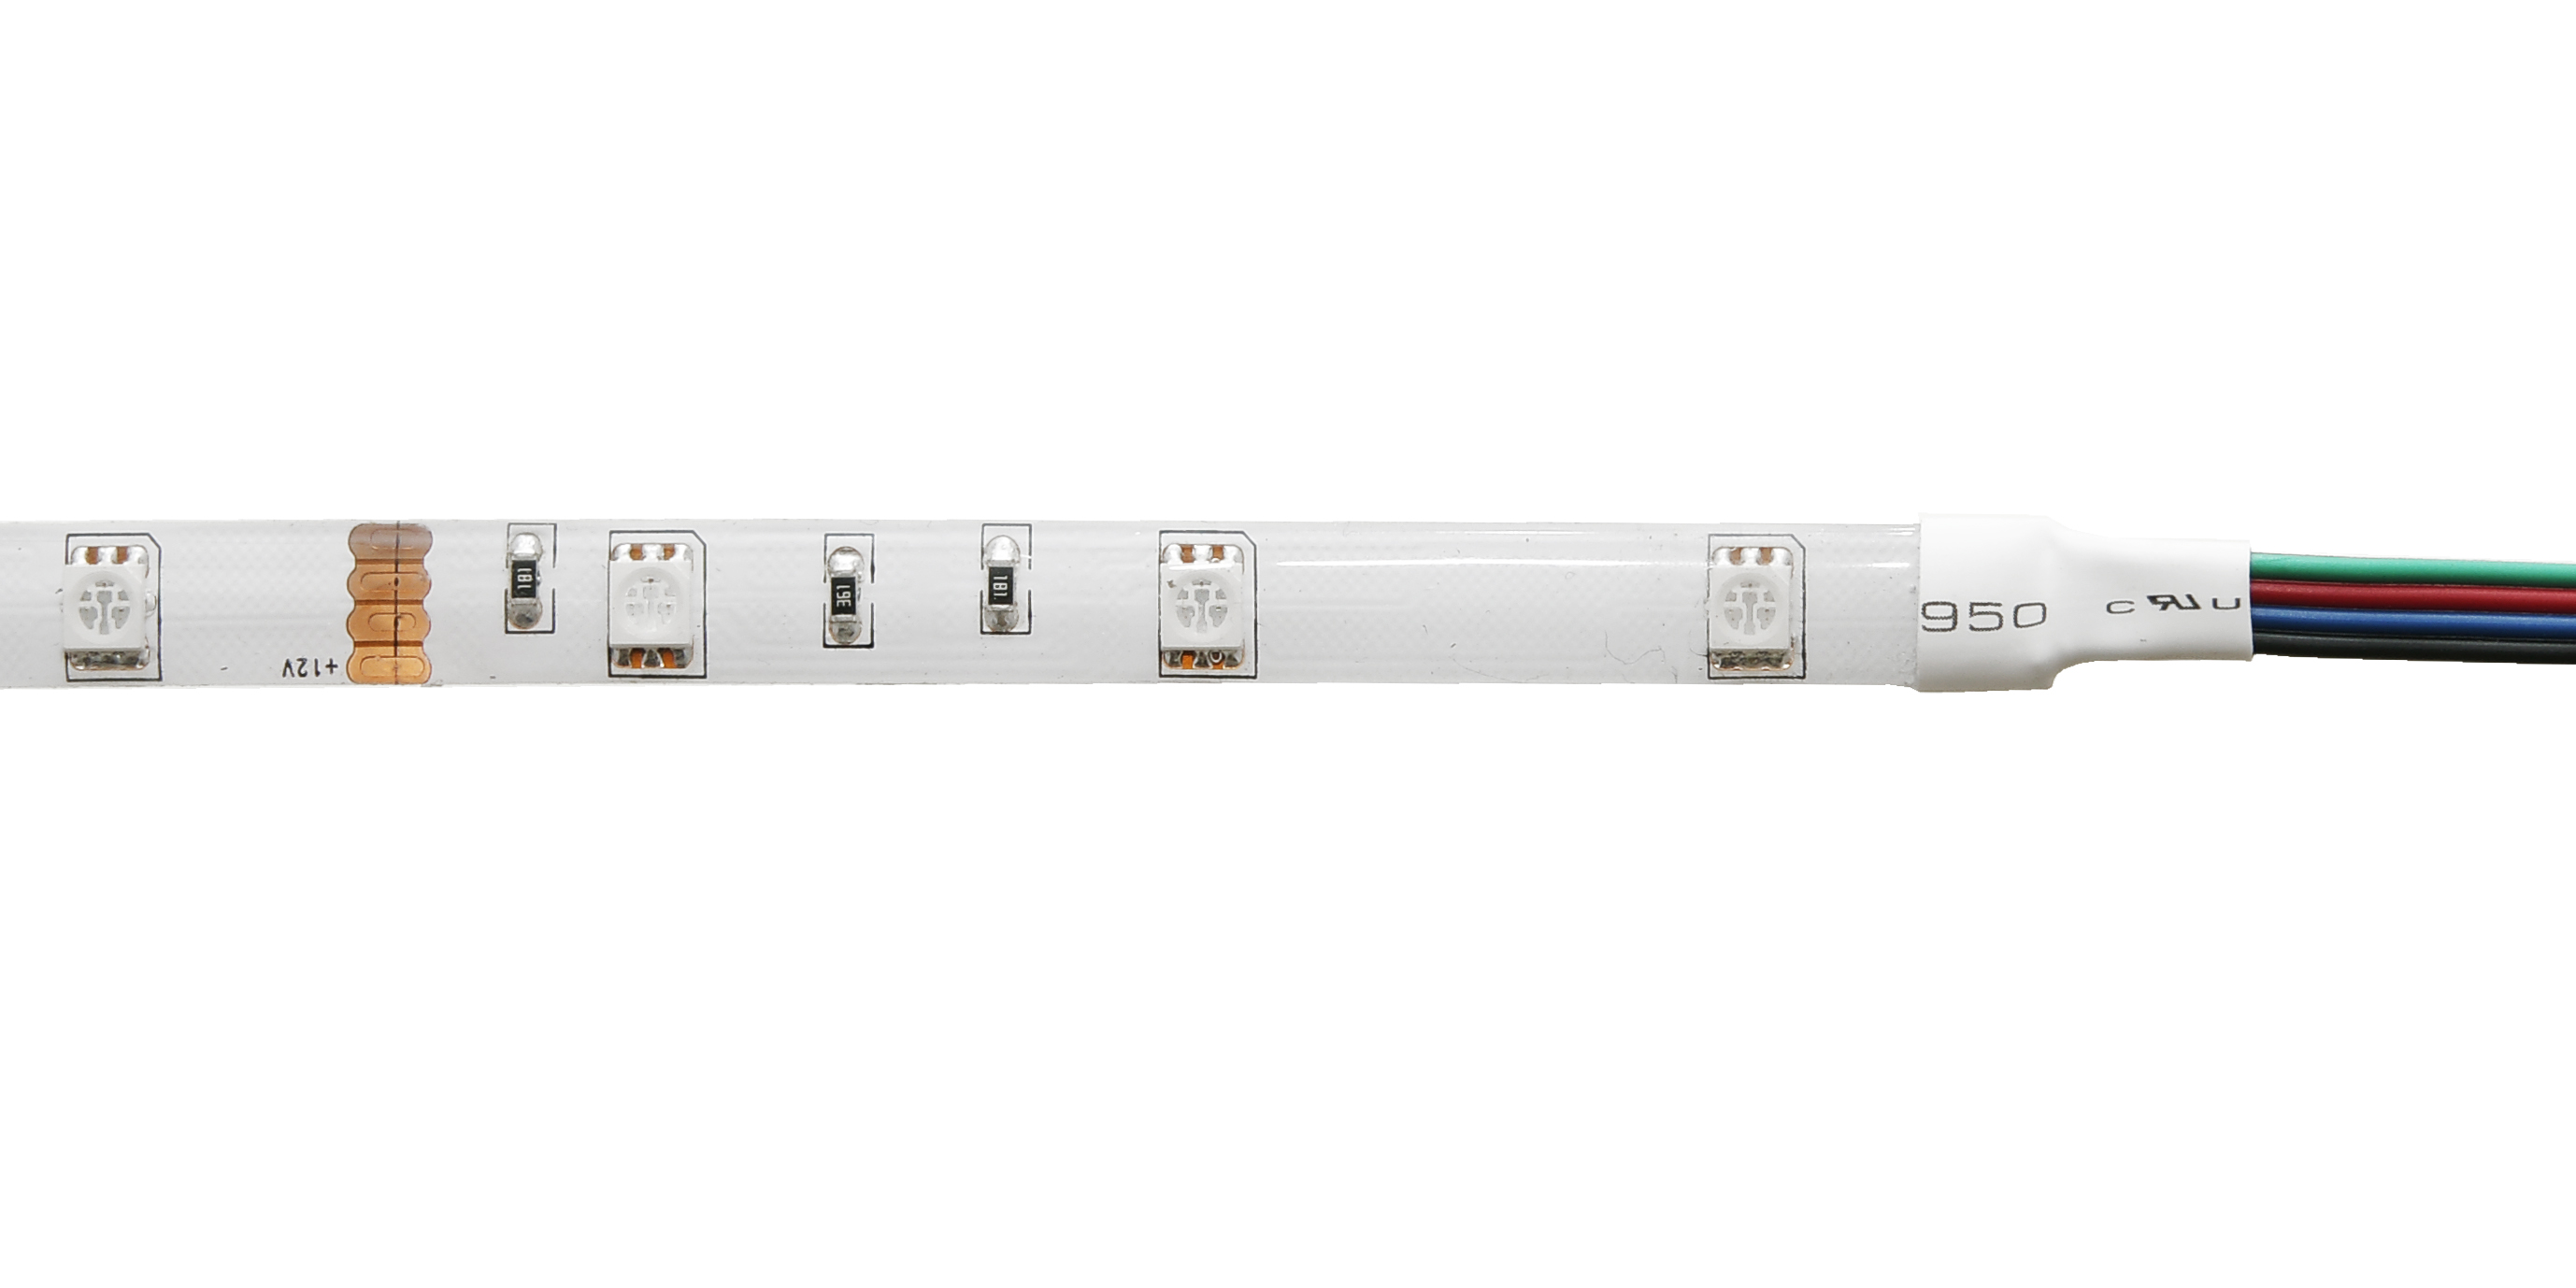 5m led strip rgb streifen leiste 30 smds ip65 wasserdicht. Black Bedroom Furniture Sets. Home Design Ideas